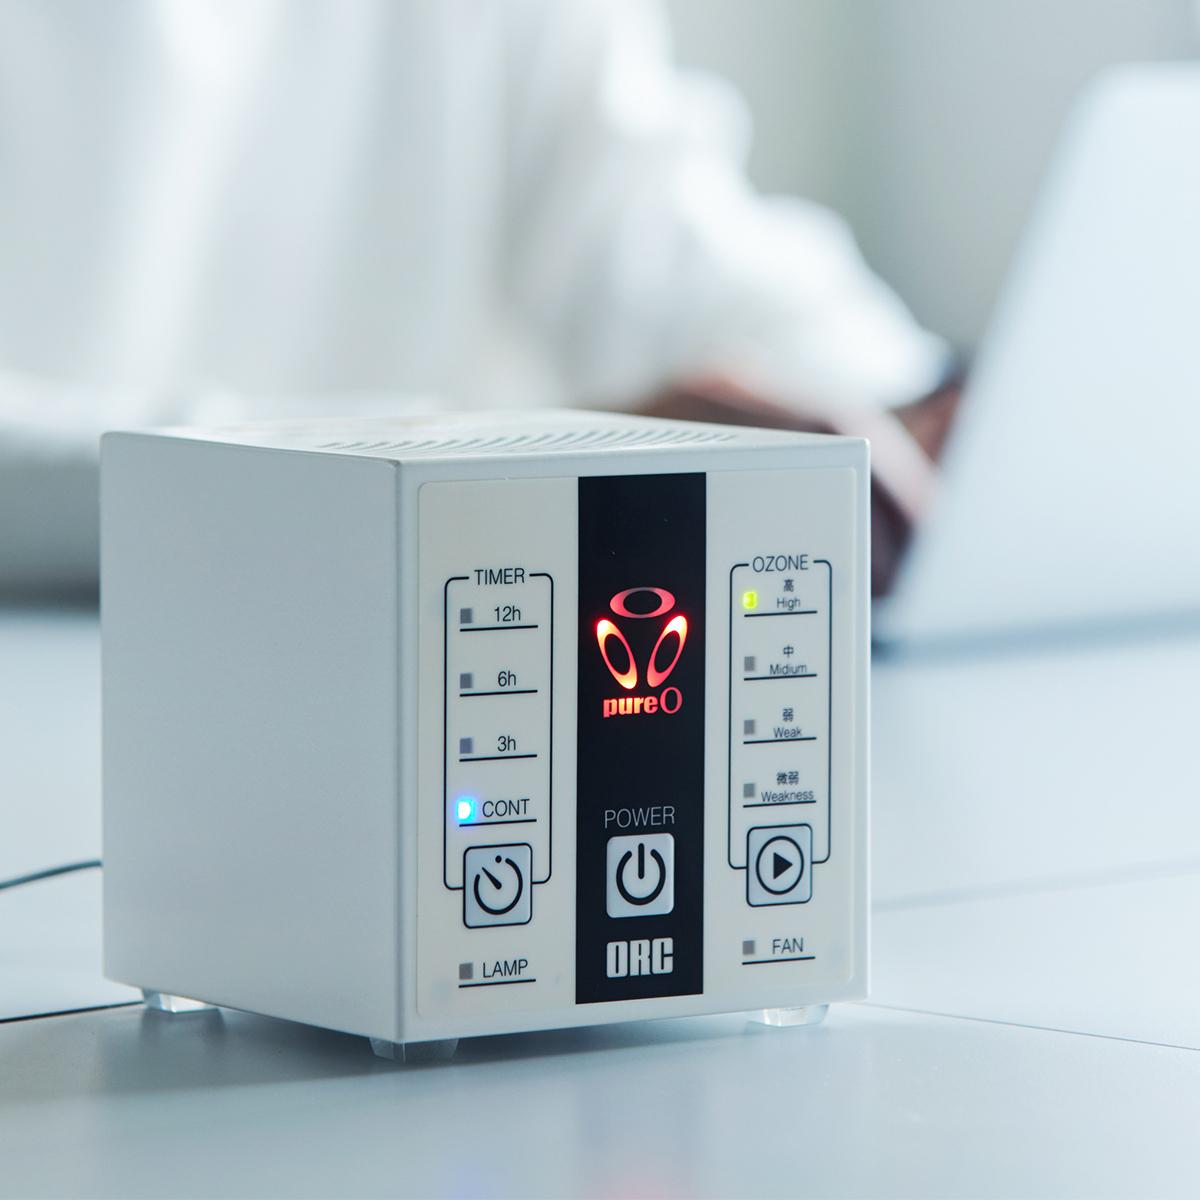 家中の匂い、菌、ウイルスを不活性化・分解。日本初、特許のUVランプでウイルス・菌を不活化させる「オゾン発生器・間接照明ランプ」|RoomiAir